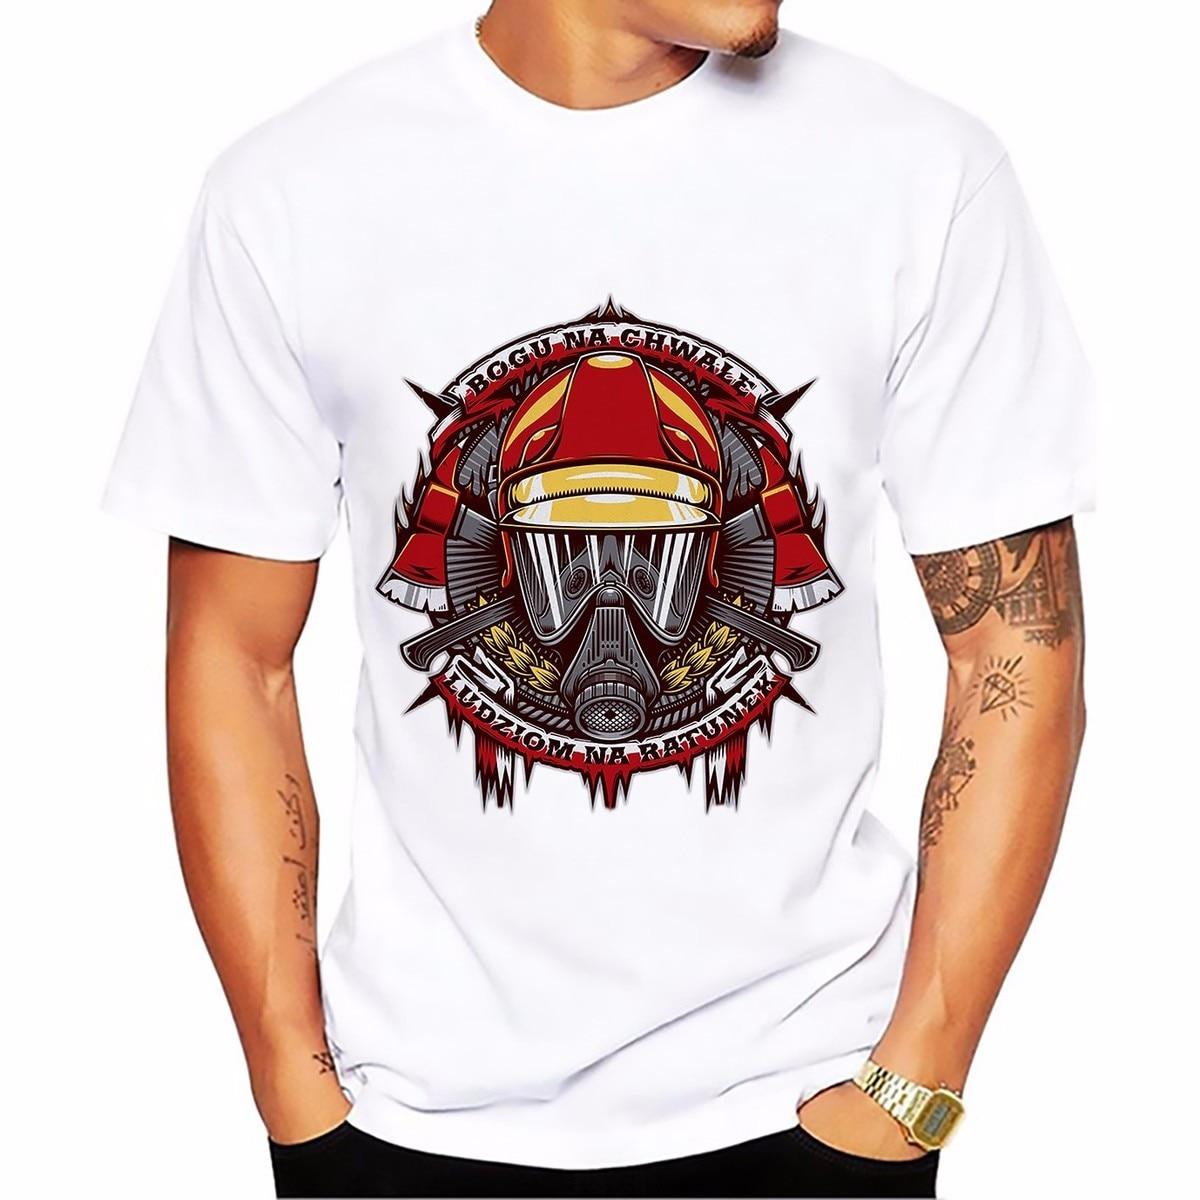 b038be43c1 Âncora gancho sinal Bombeiro cobra camisa do projeto t dos homens verão  T-shirt de manga curta T-shirt branco camiseta casual